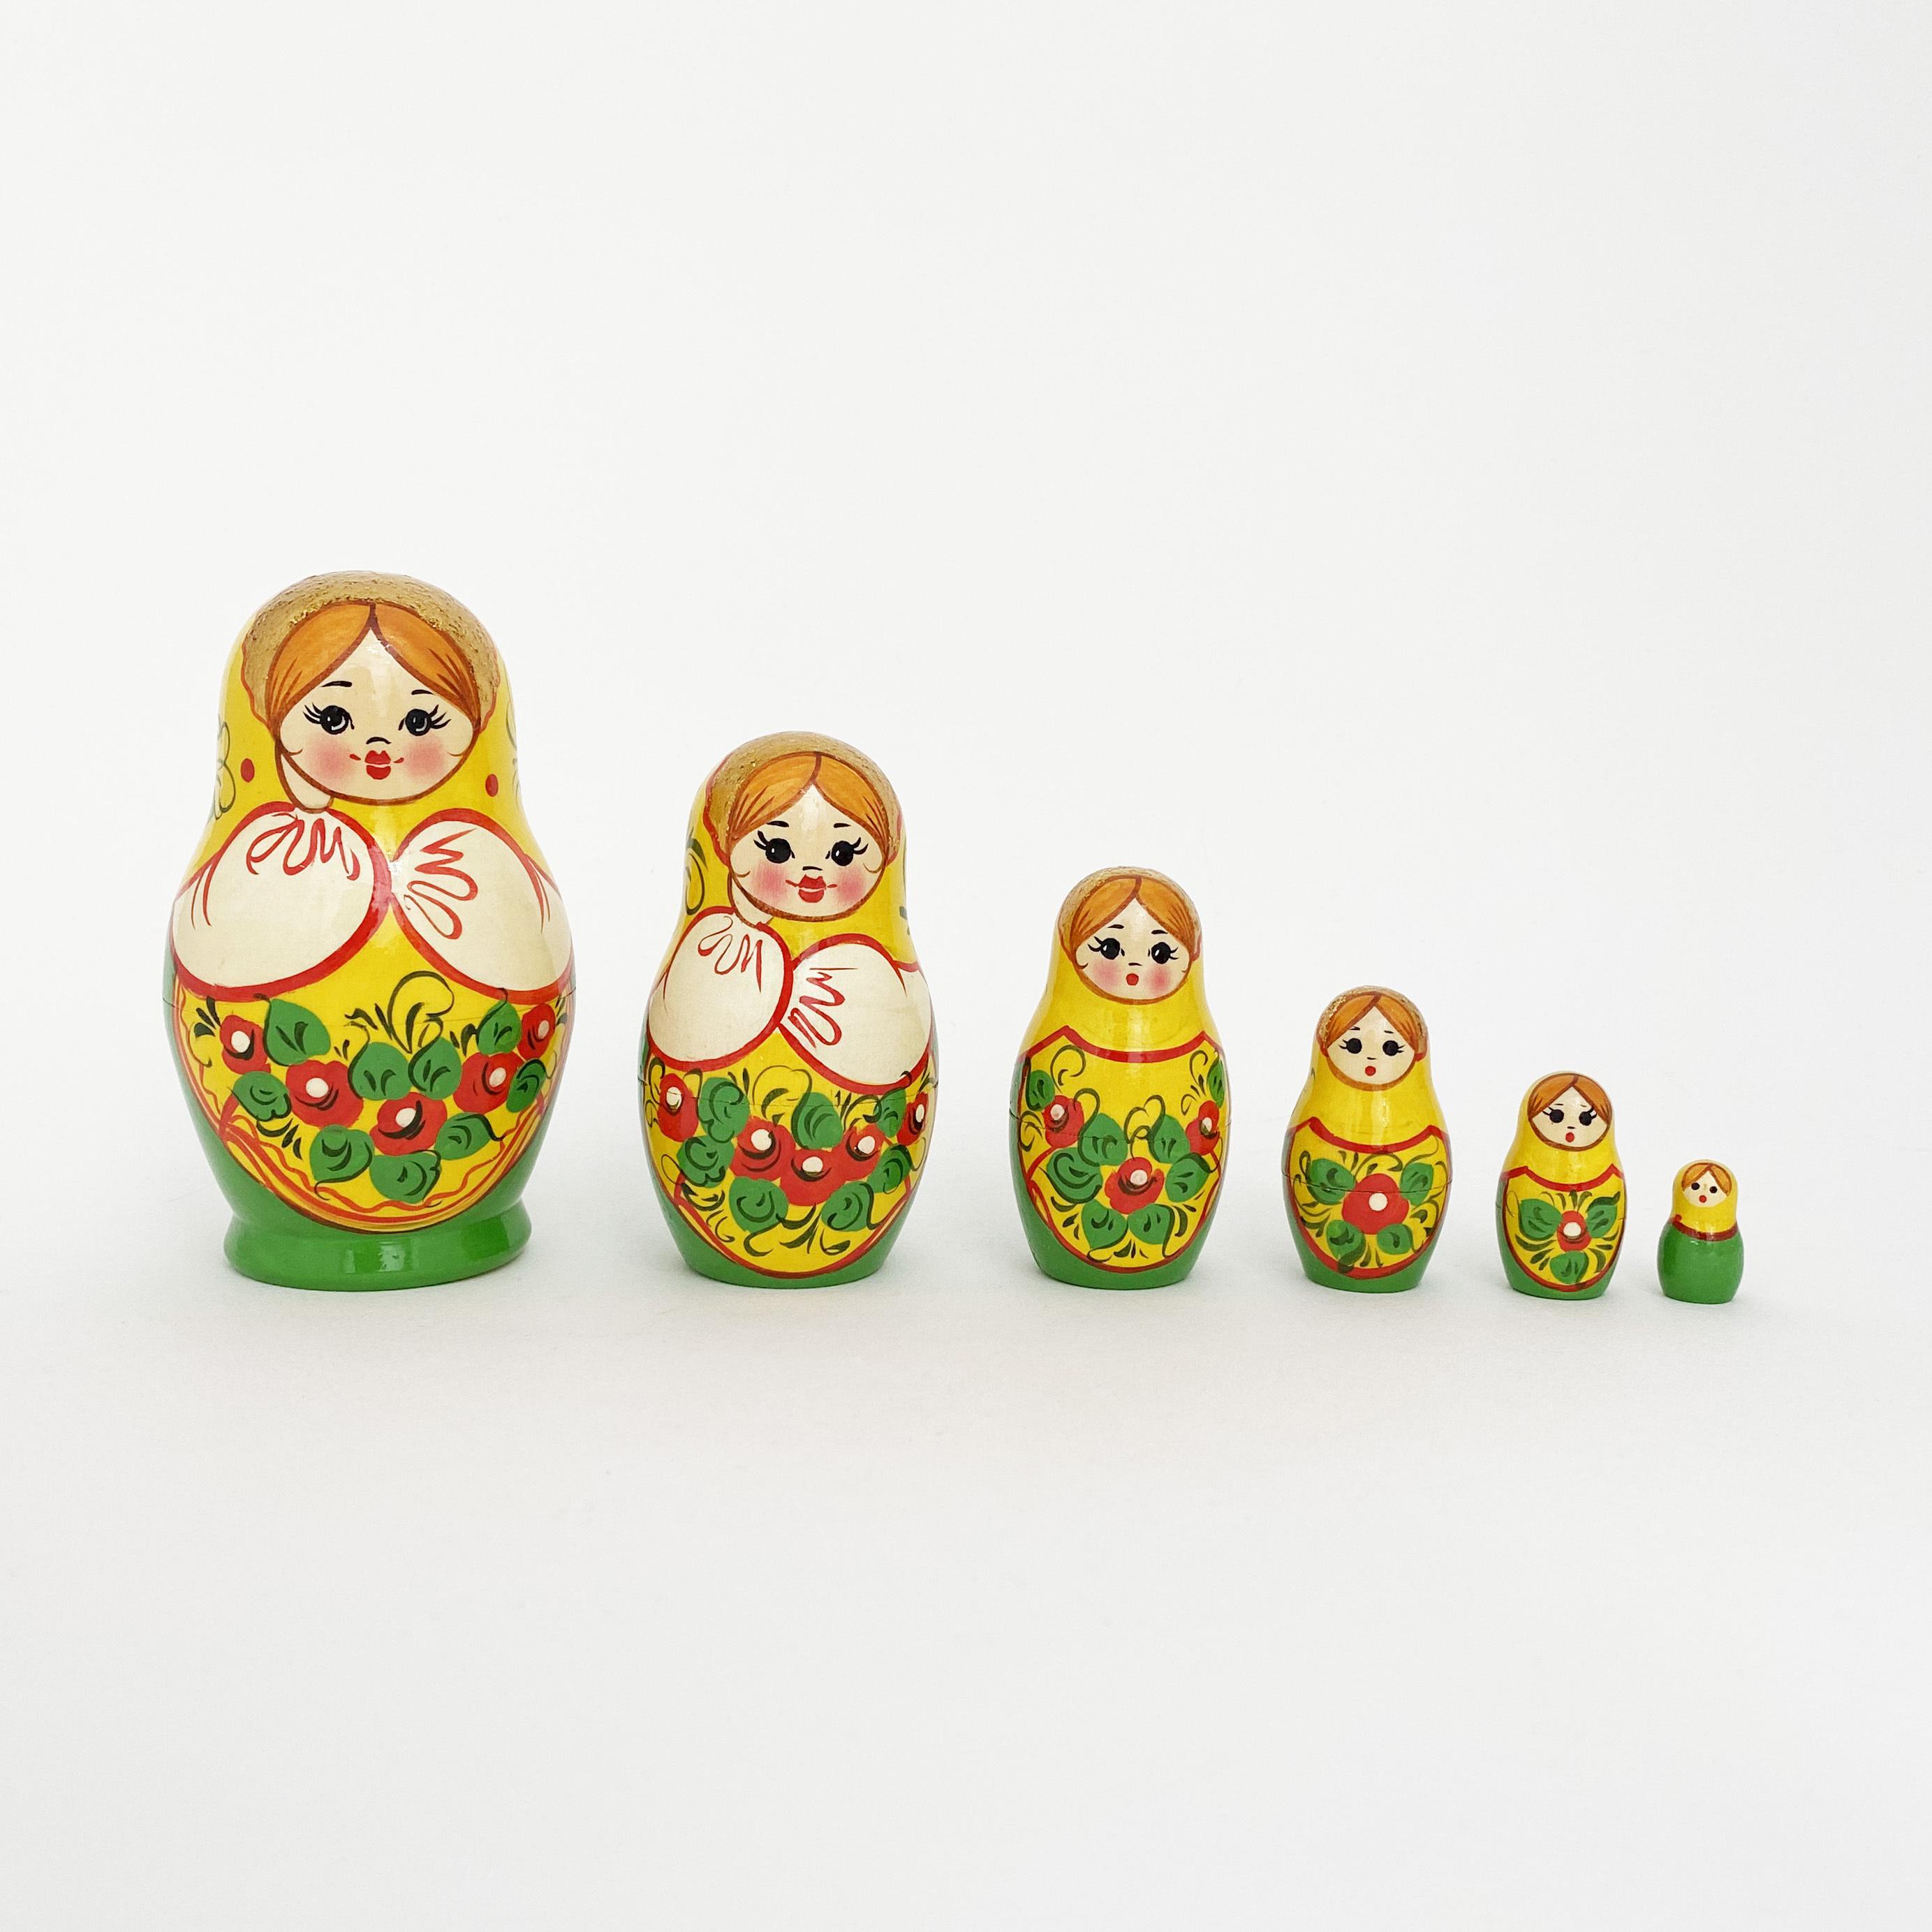 ノーリンスク産マトリョーシカ/頬杖6個組